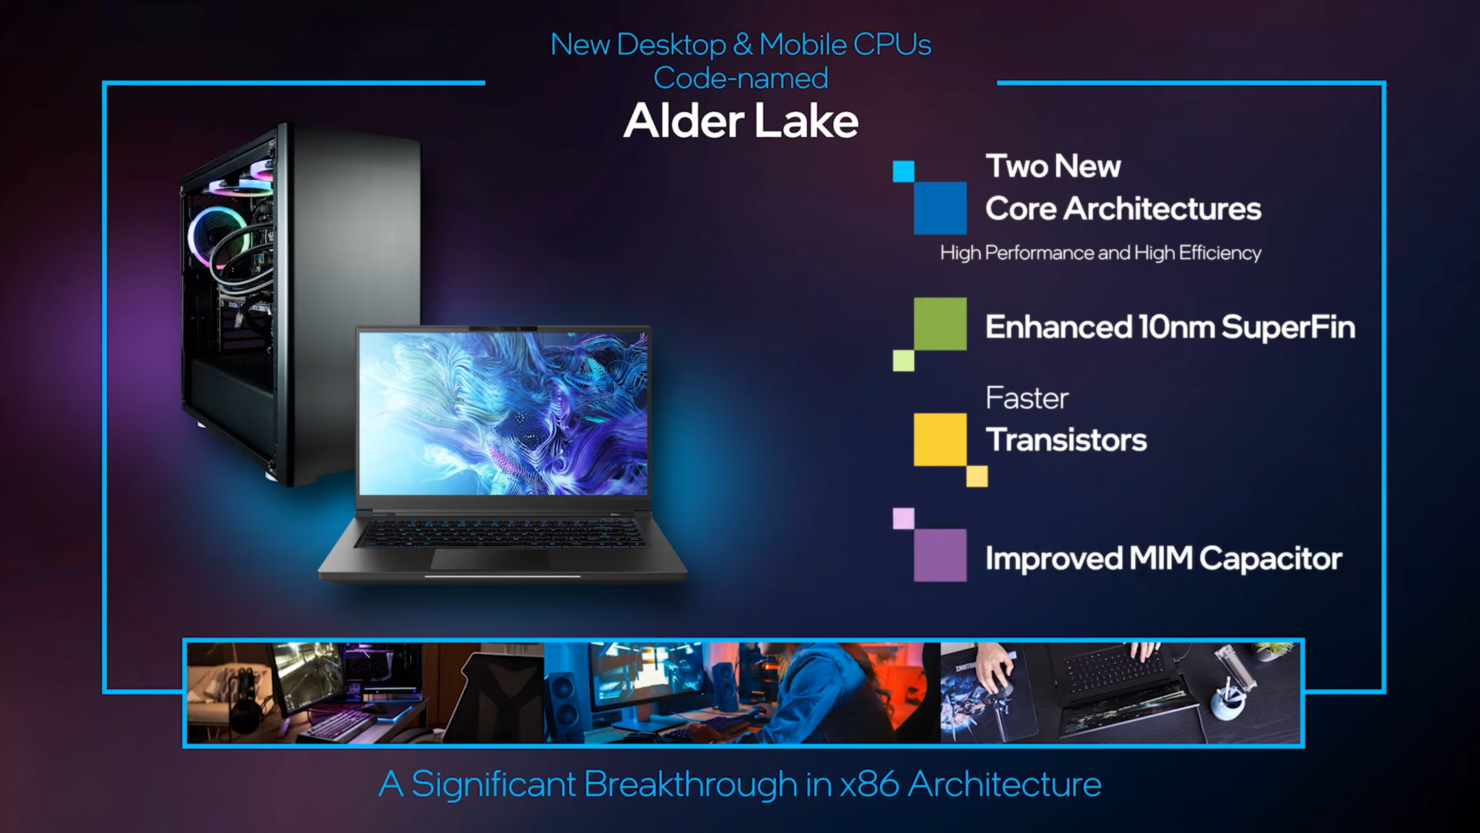 intel-12th-gen-alder-lake-desktop-mobility-cpus-official-_-2h-2021-launch-_3